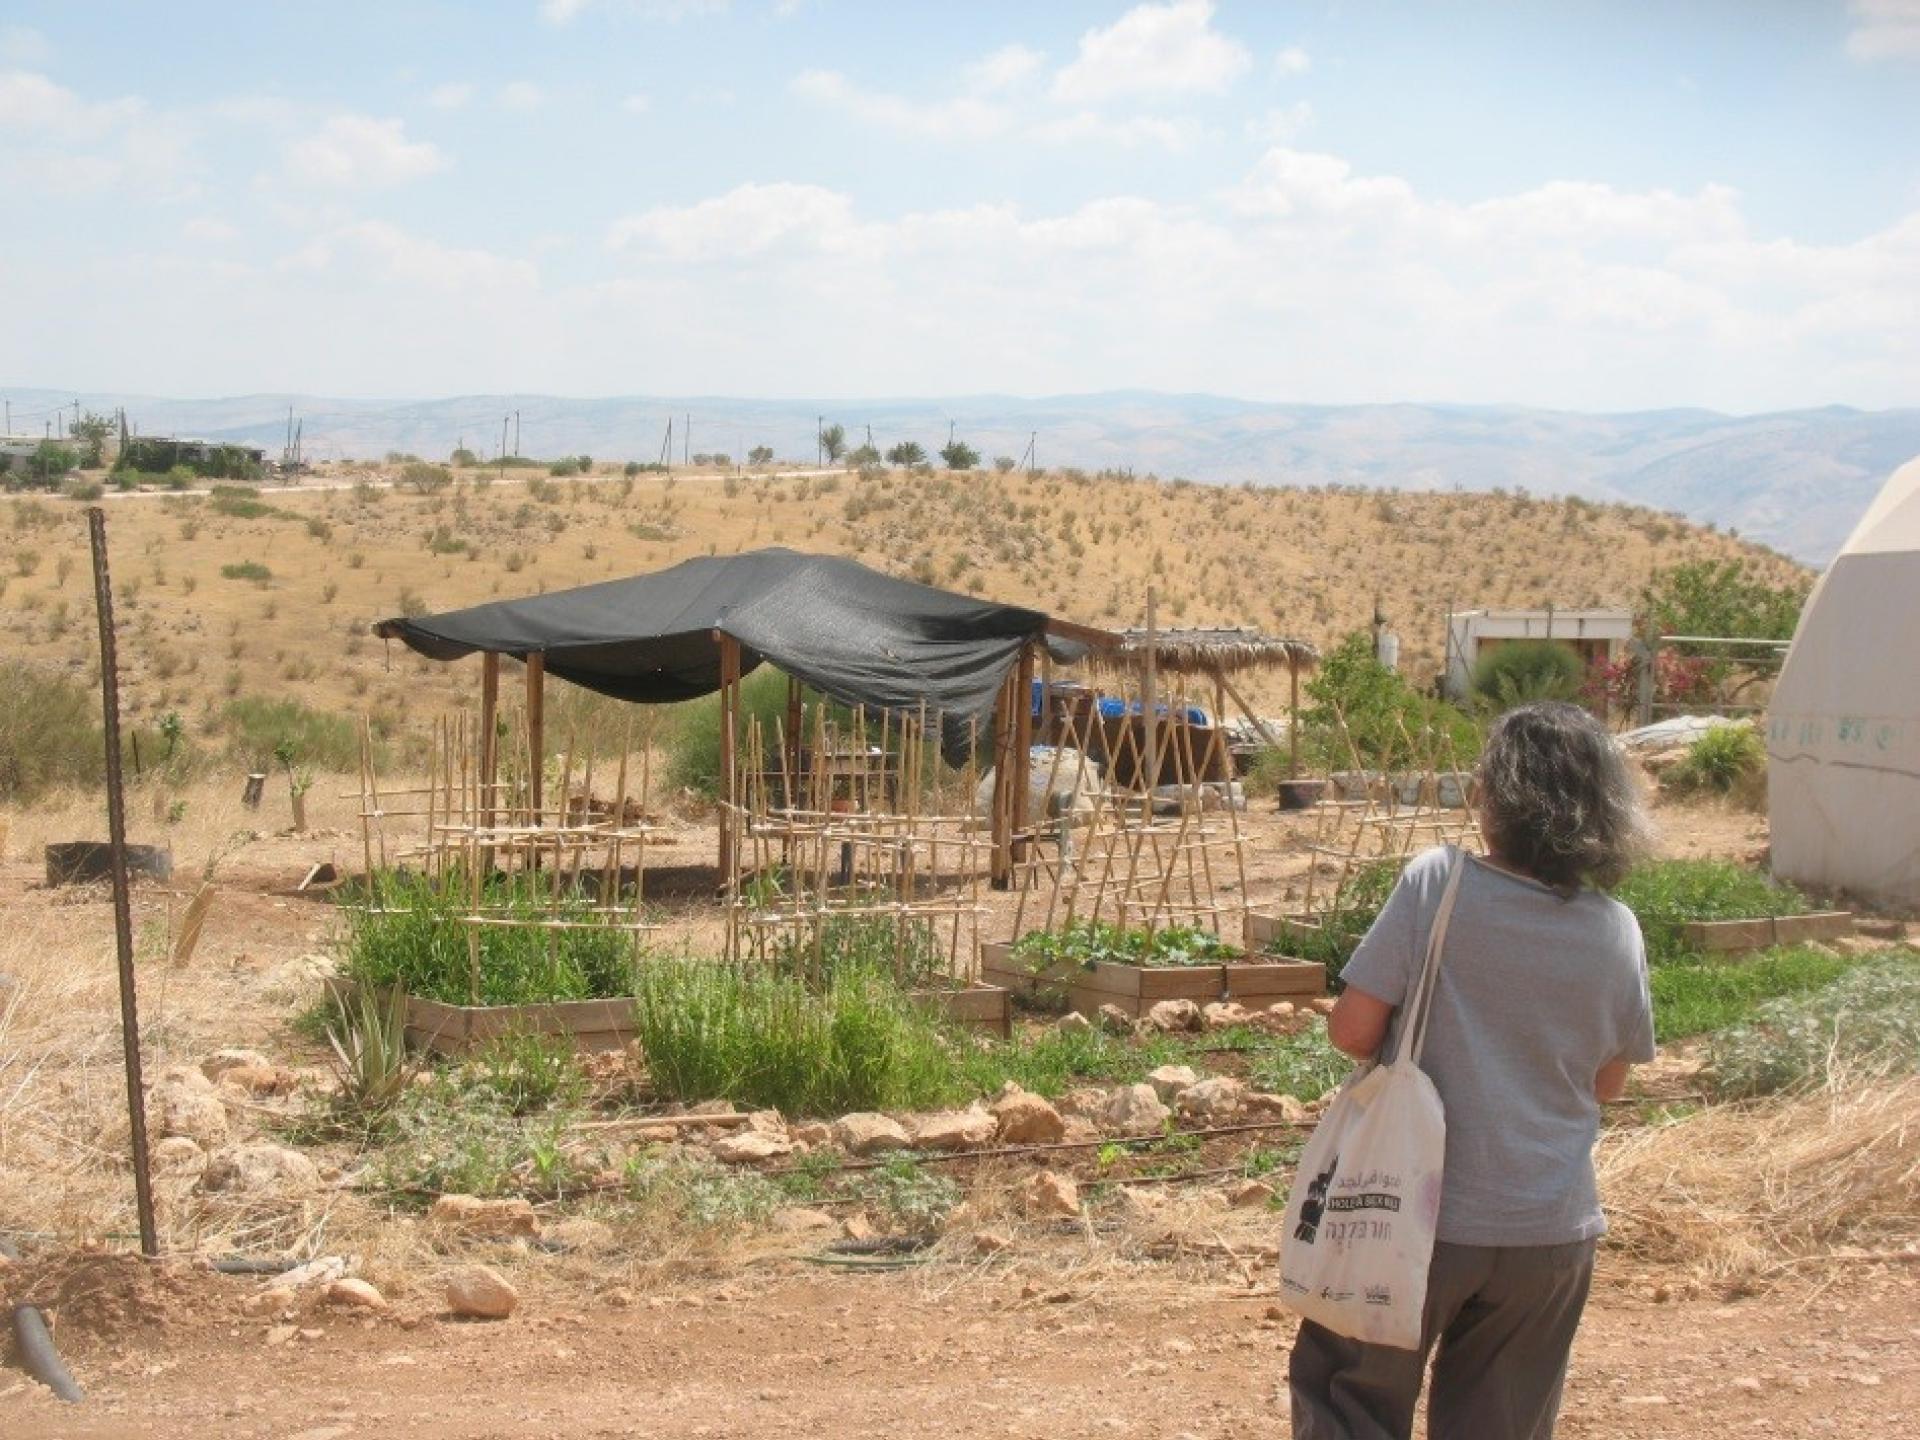 בקעת הירדן: המאחז החדש מדרום להתנחלות רותם ממשיך להתפתח